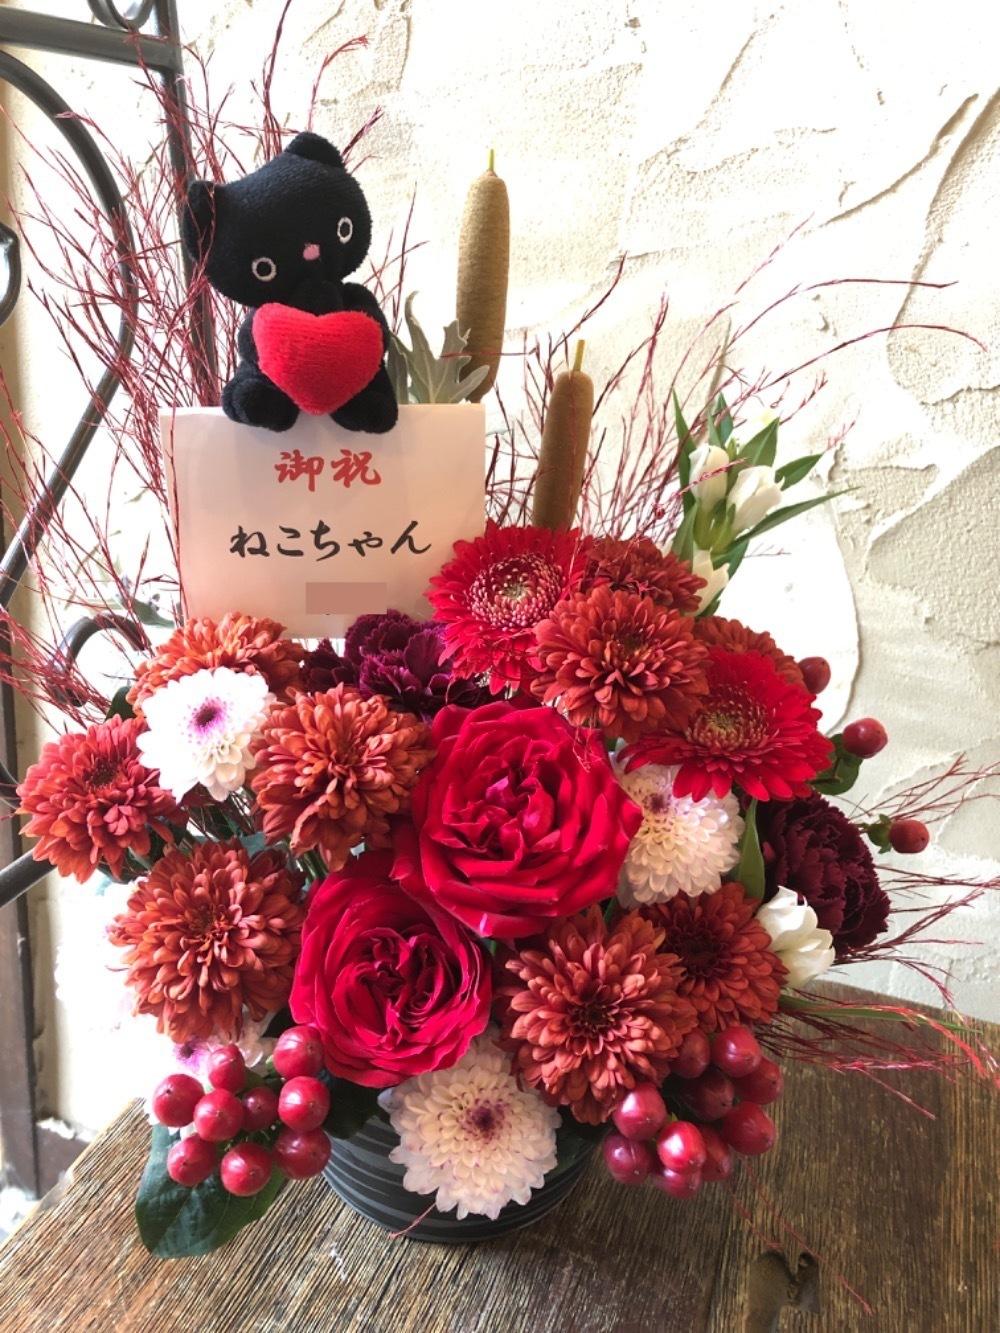 「お店の雰囲気に合わせて」猫のモチーフが可愛い祝い花